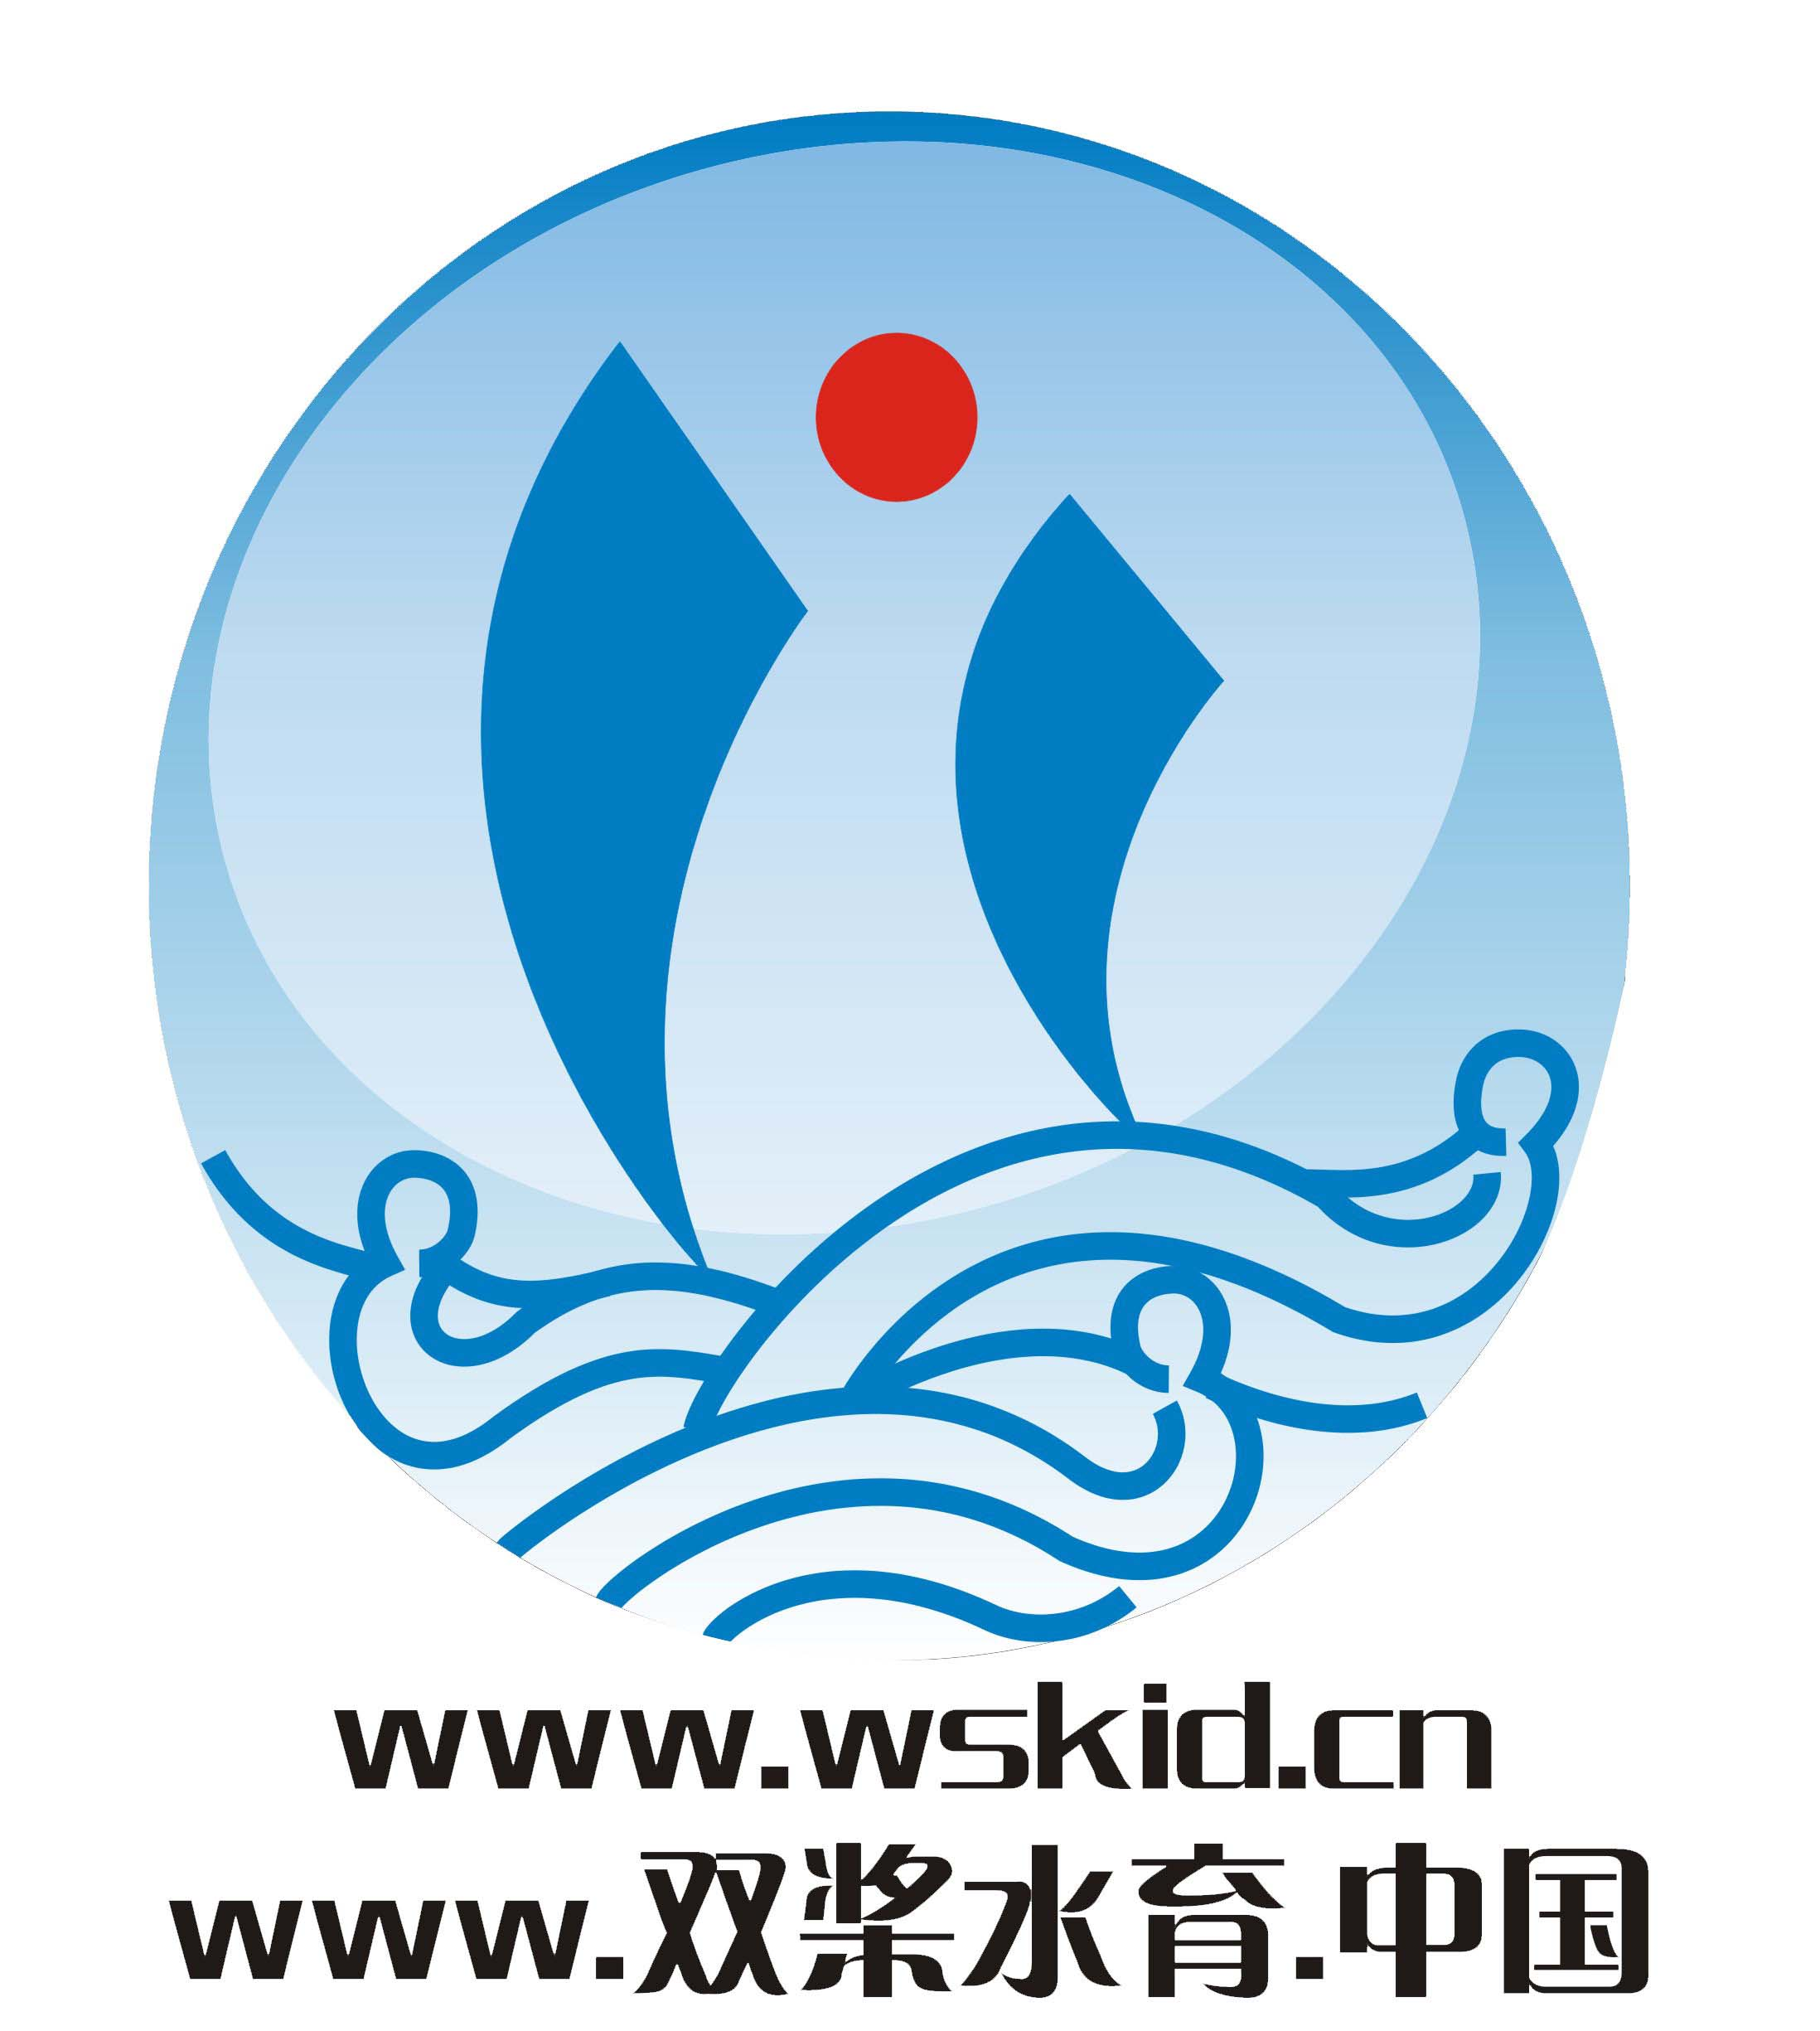 濟南雙槳信息科技有限公司